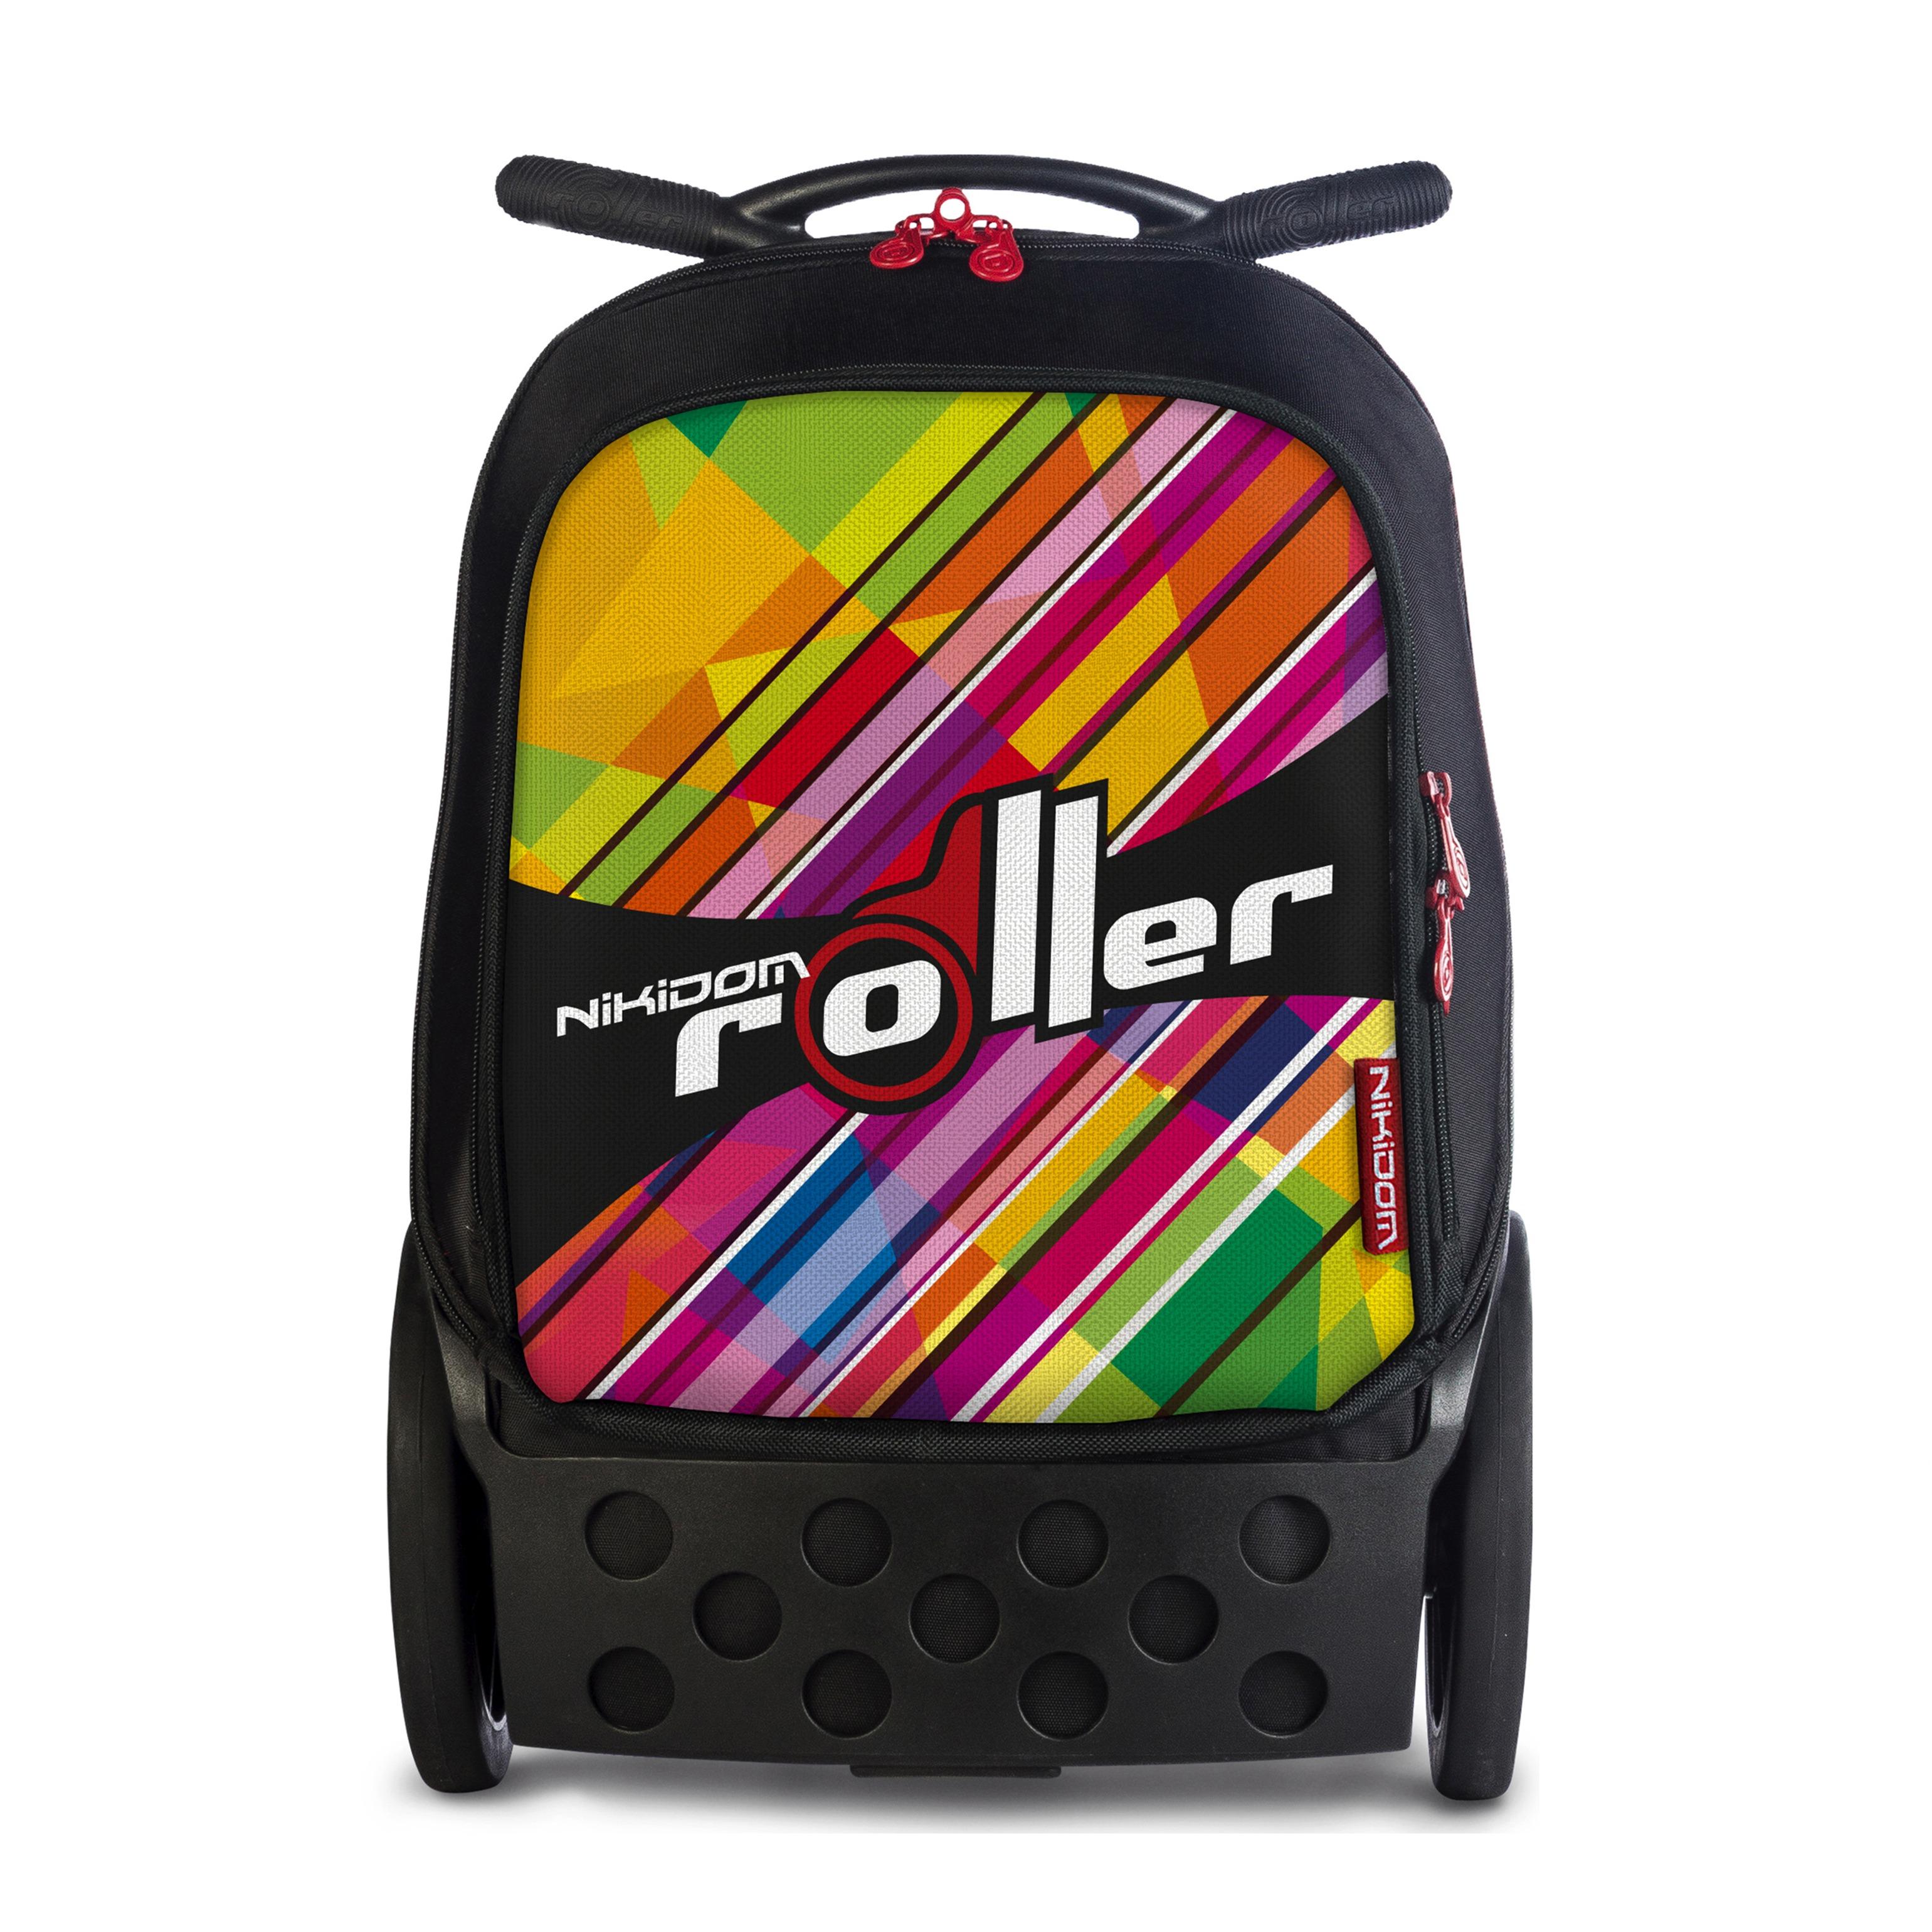 052df60bf90 Školní taška na kolečkách Nikidom Roller XL Kaleido